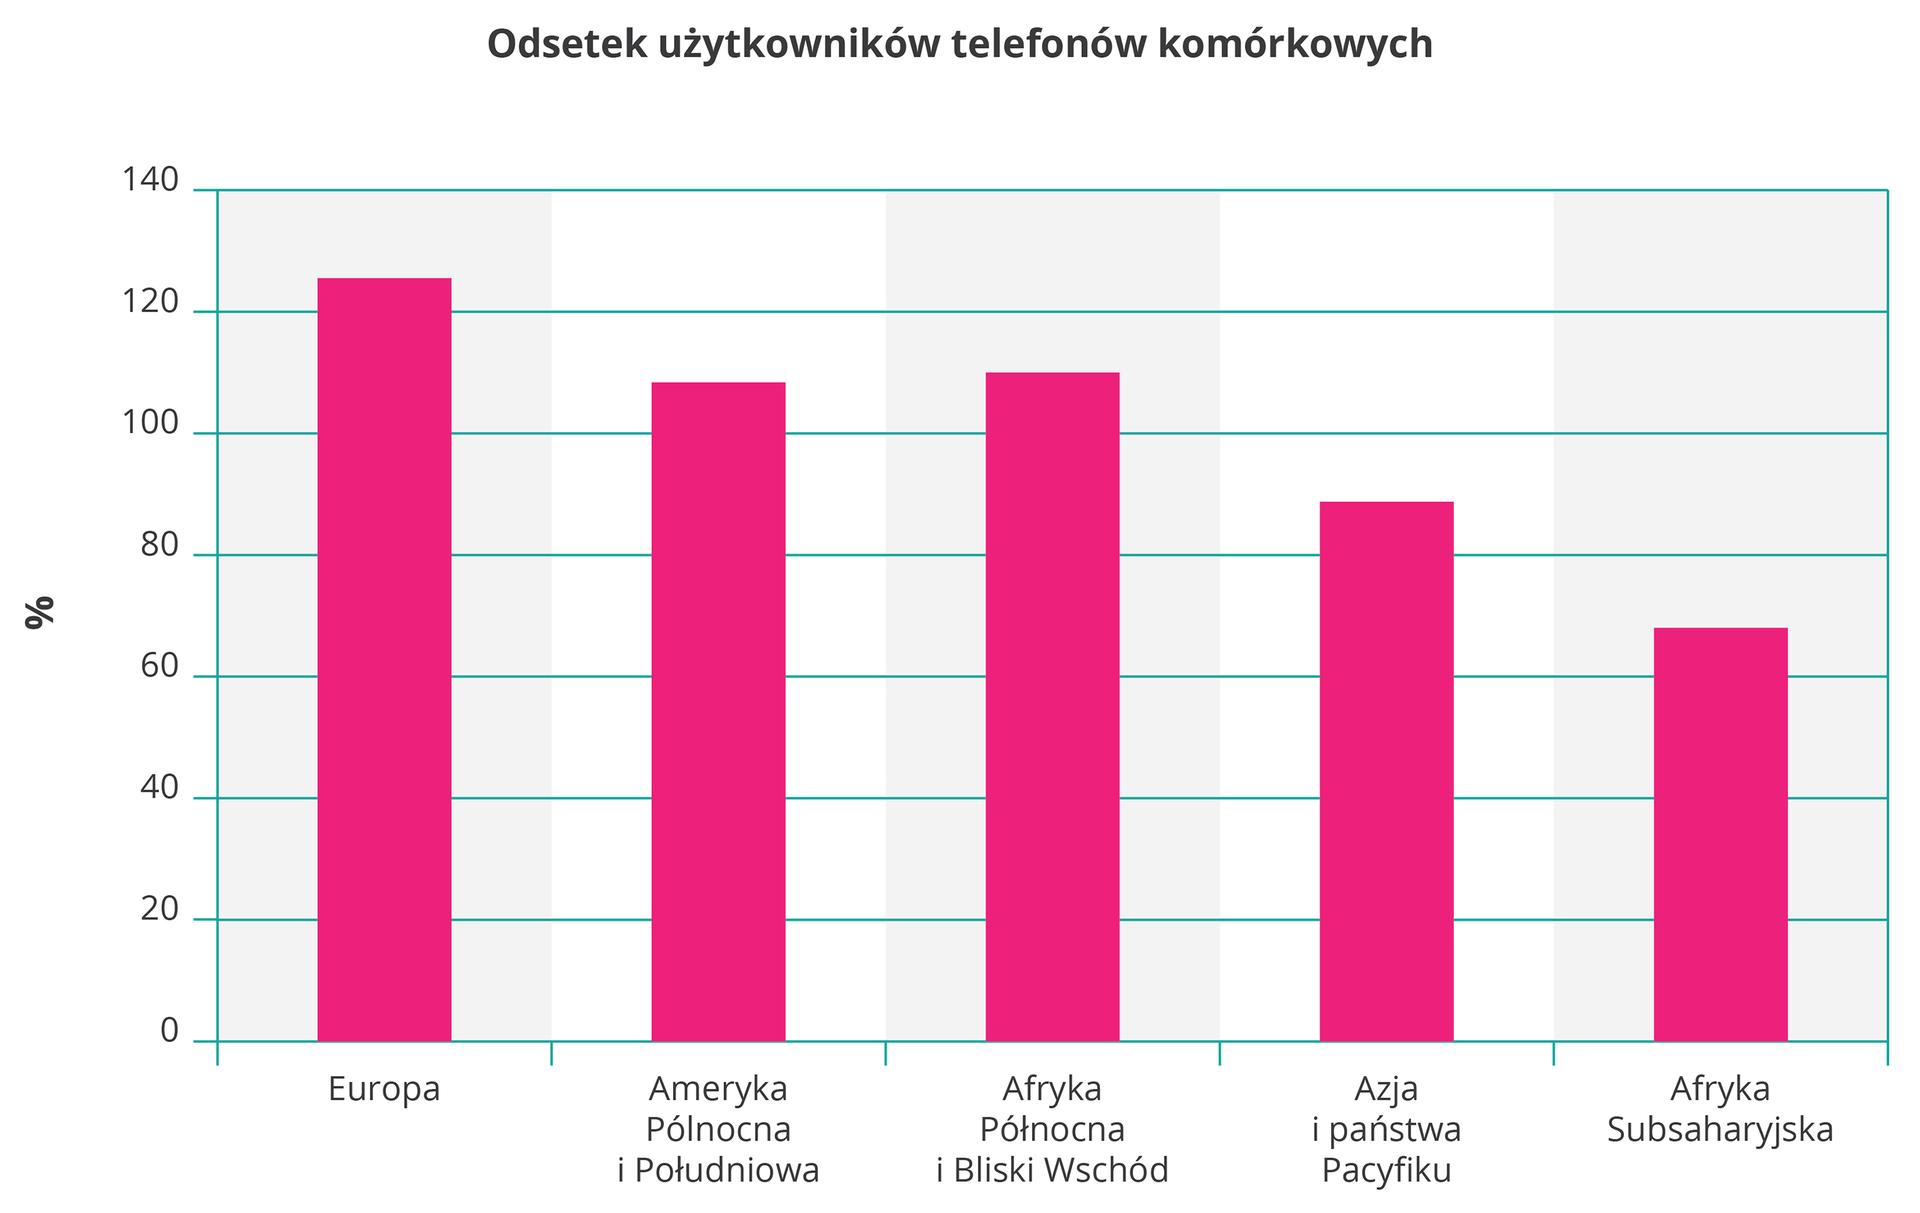 Na ilustracji wykres słupkowy. Na osi pionowej zlewej strony wartości od zera do stu czterdziestu wprocentach, odsetek użytkowników telefonów komórkowych. Na osi poziomej opisano: Europa, Ameryka Północna iPołudniowa, Afryka Północna iBliski Wschód, Azja ipaństwa Pacyfiku, Afryka Subsaharyjska. Pięć różowych słupków, maleją od stu dwudziestu, Europa, do siedemdziesięciu, Afryka Subsaharyjska.